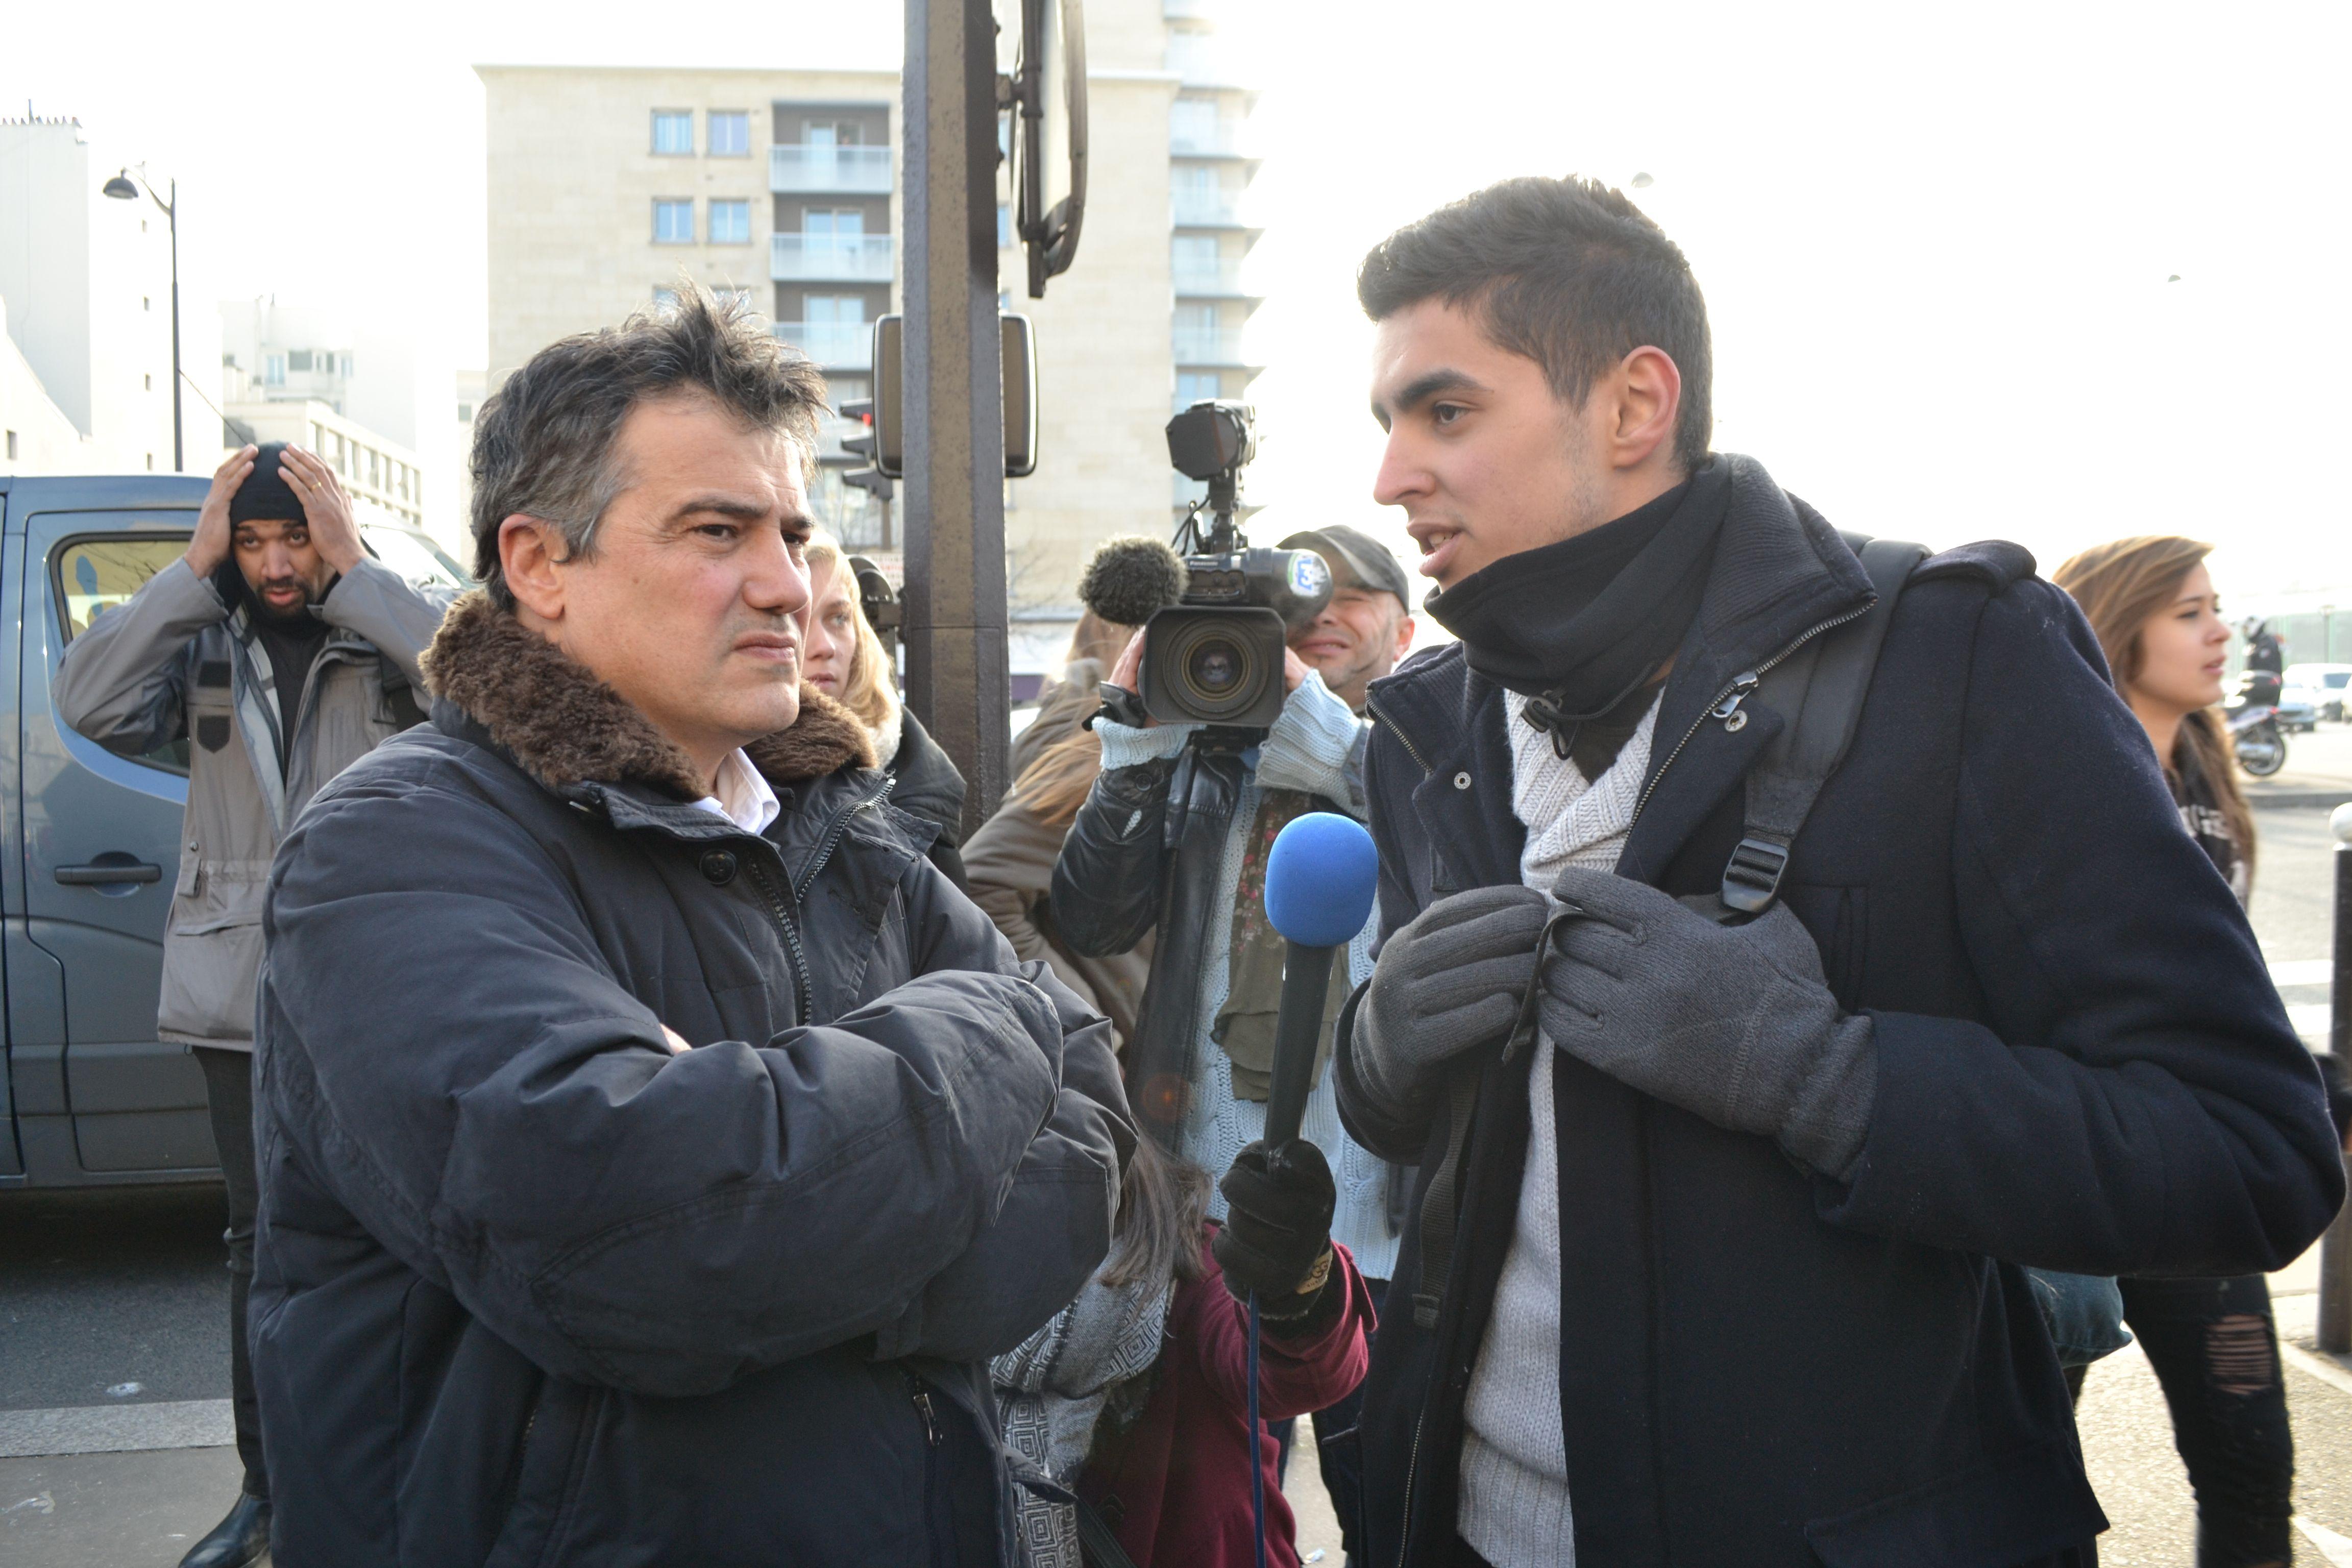 L'urgentiste Patrick Pelloux rencontre les principaux acteurs de la marche pour l'unité devant l'hyper casher de Vincennes.